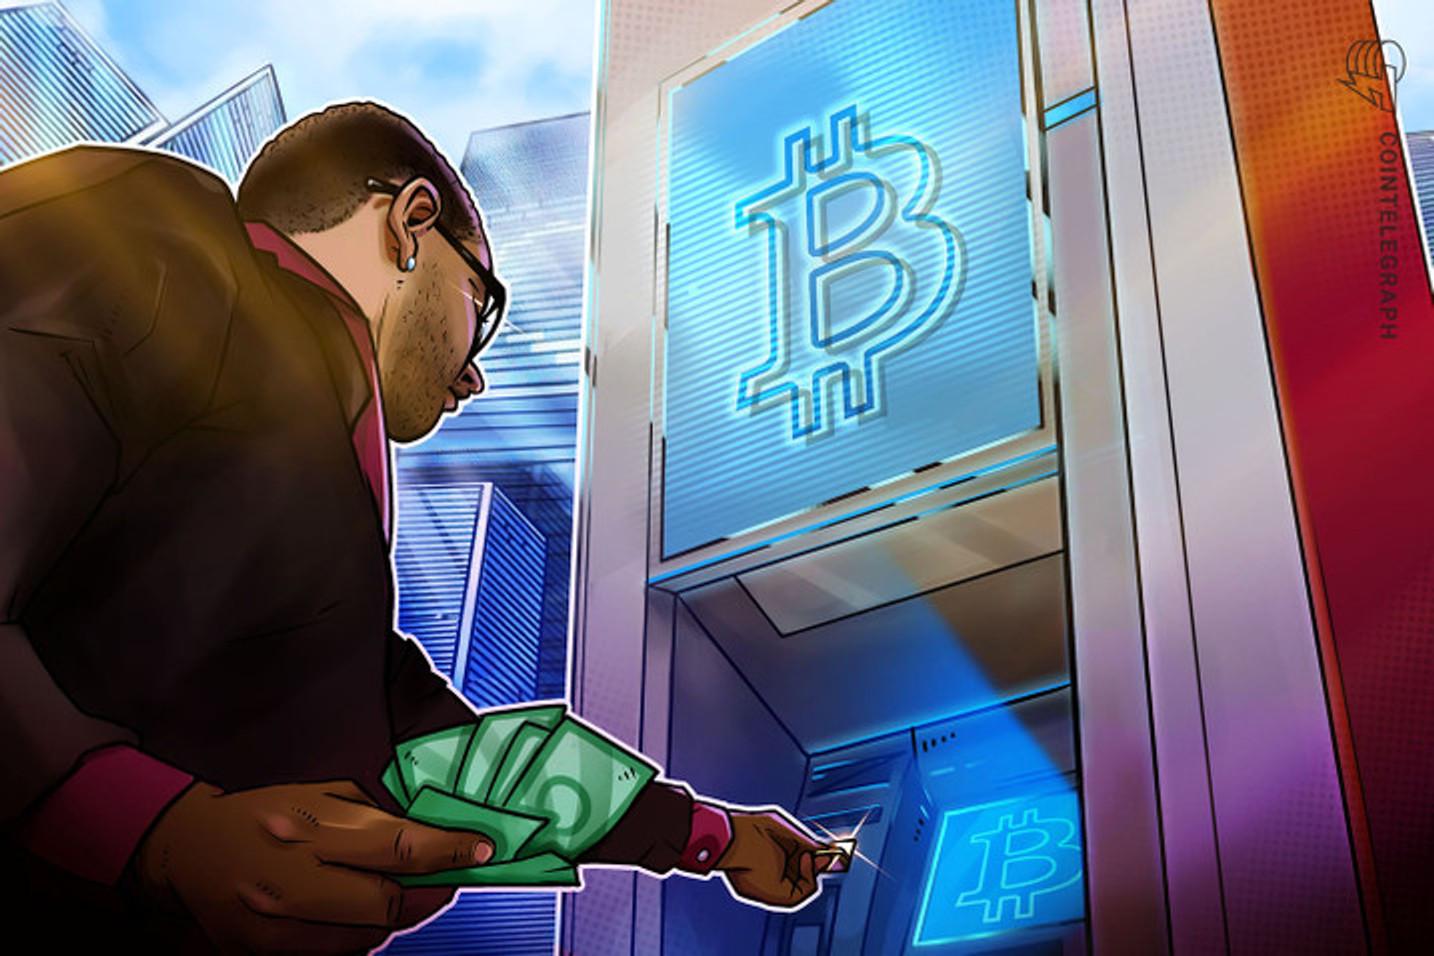 Brasileiros podem investir mais de R$ 6 bilhões em criptoativos, revela levantamento da Crypto Week